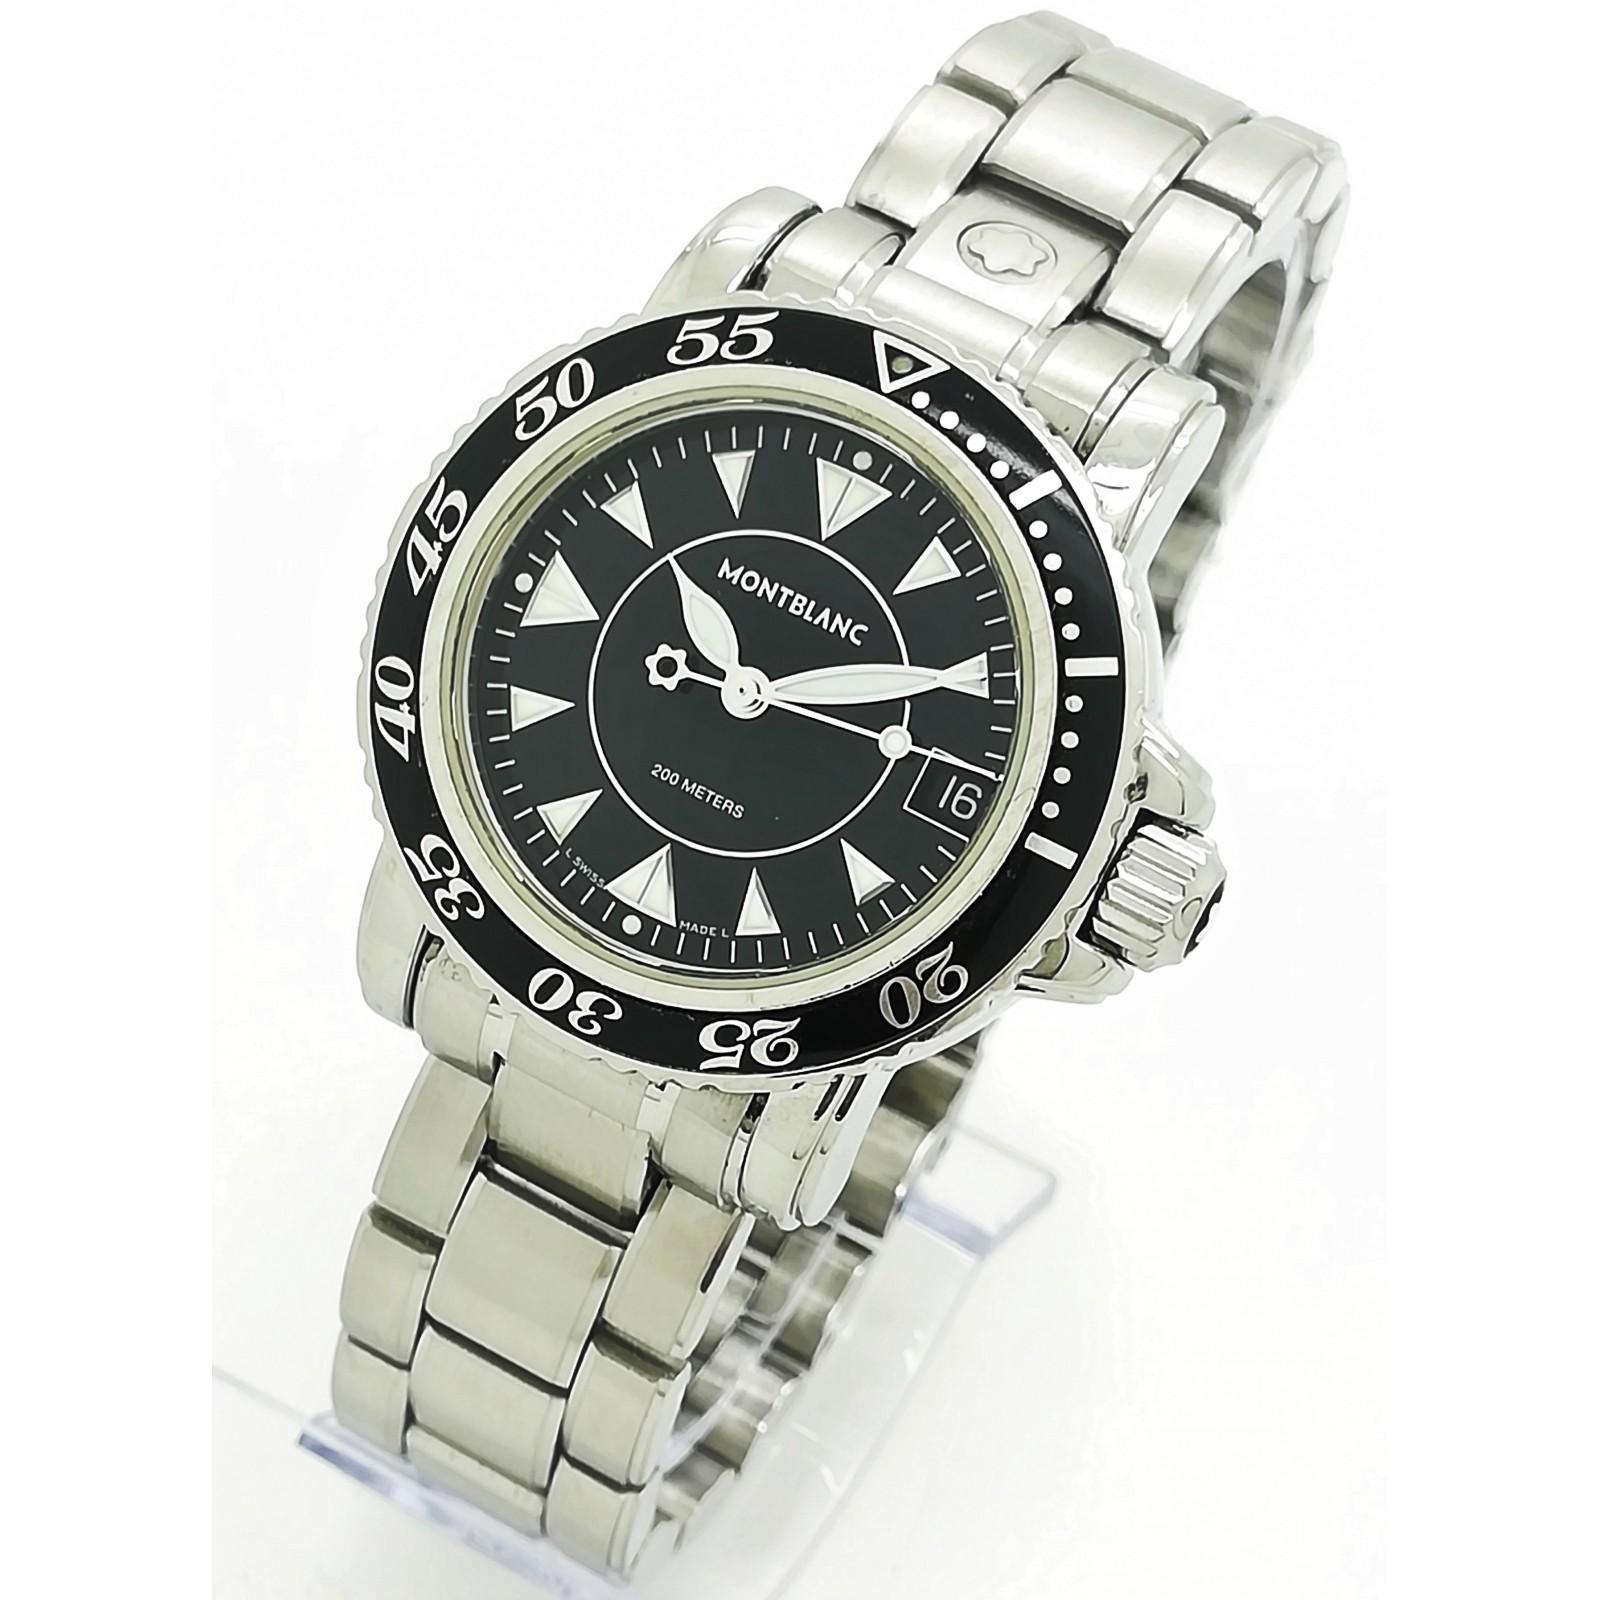 Reloj de Cuarzo MONTBLANC Meisterstück Sport Diver 200m 7036 - Unisex 34mm - Con estuche de segunda mano